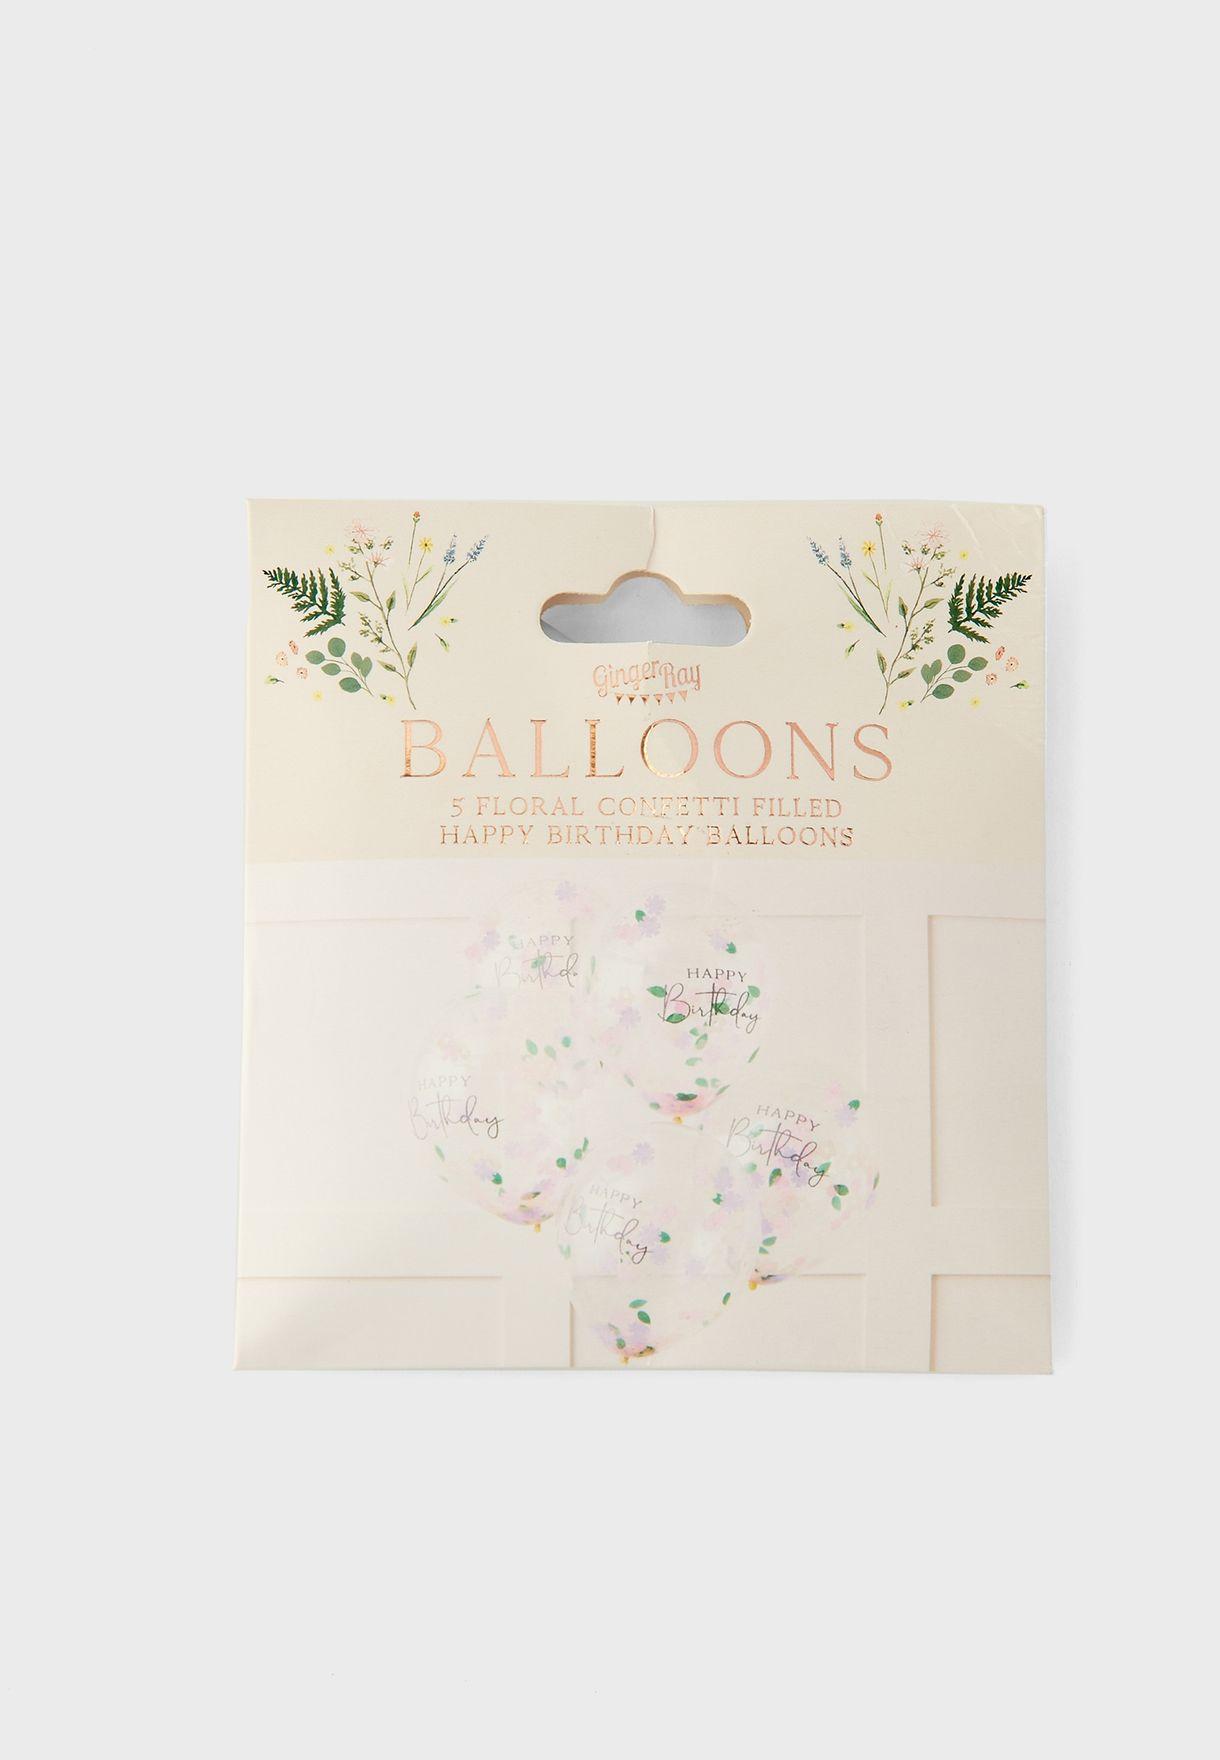 بالونات بطباعة زهور وقصاصات زينة عدد 5